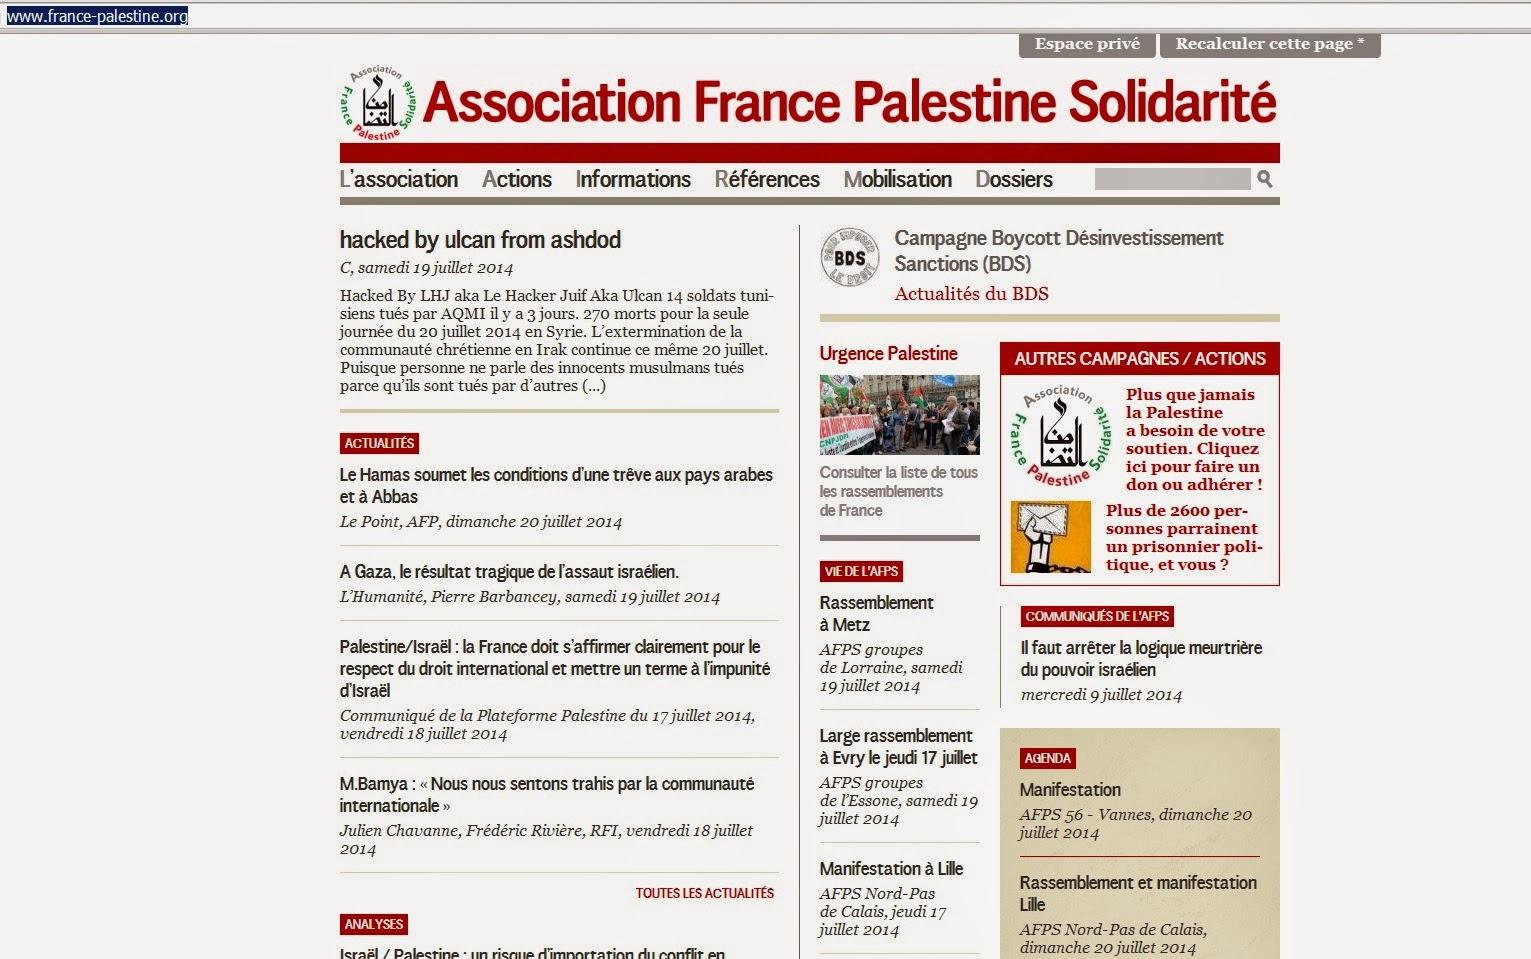 Le site france-palestine.org hacké